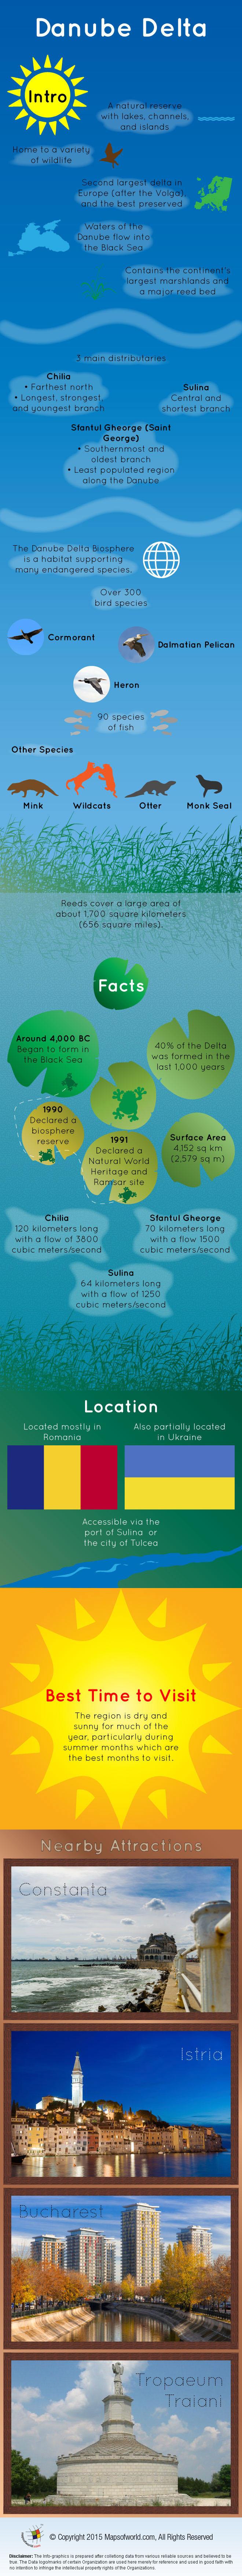 Danube Delta Infographic